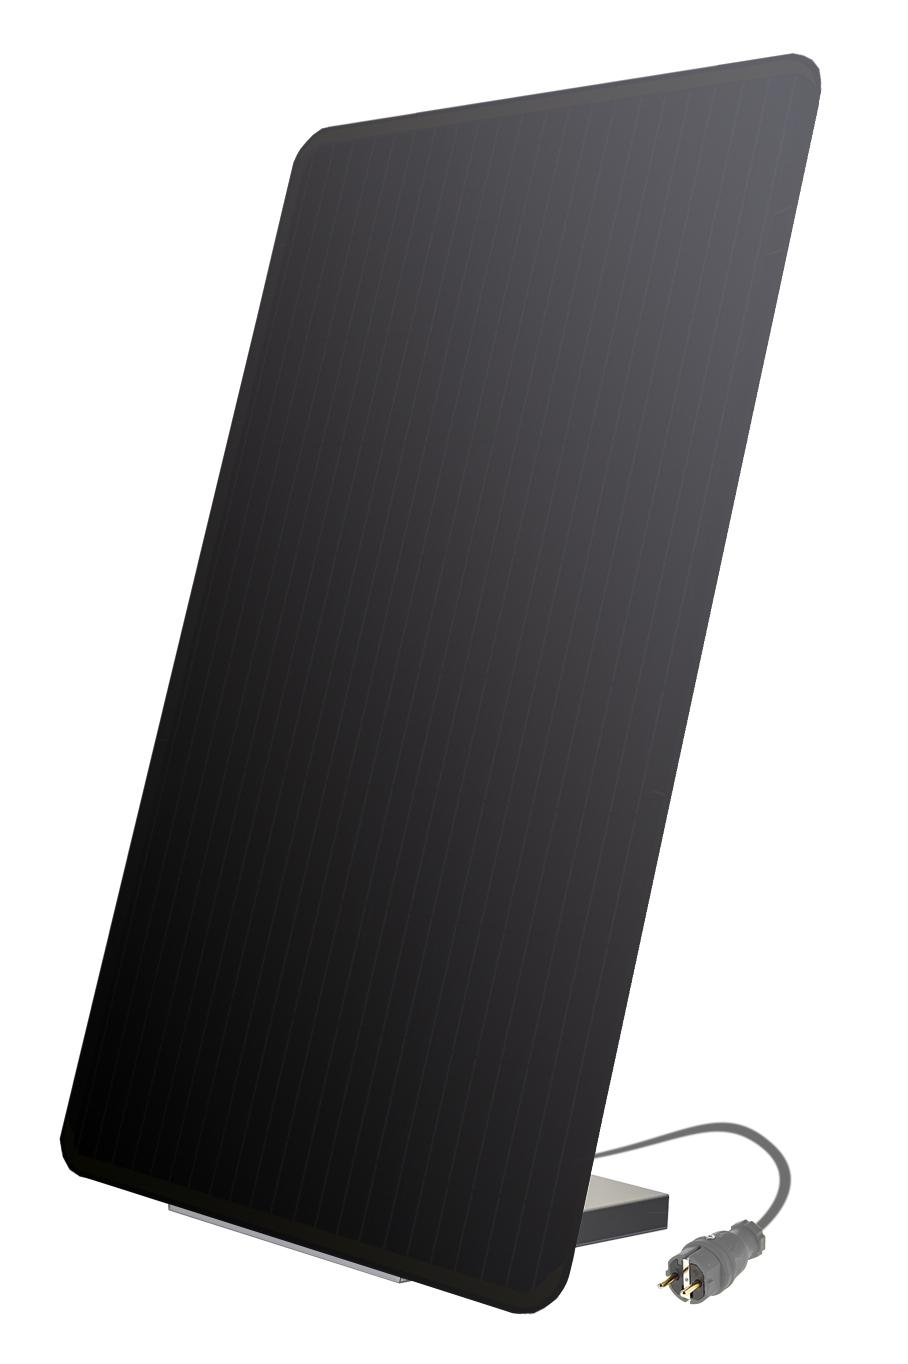 Starter-Set: Solarmodul MEIN KRAFTWERK - Black Edition